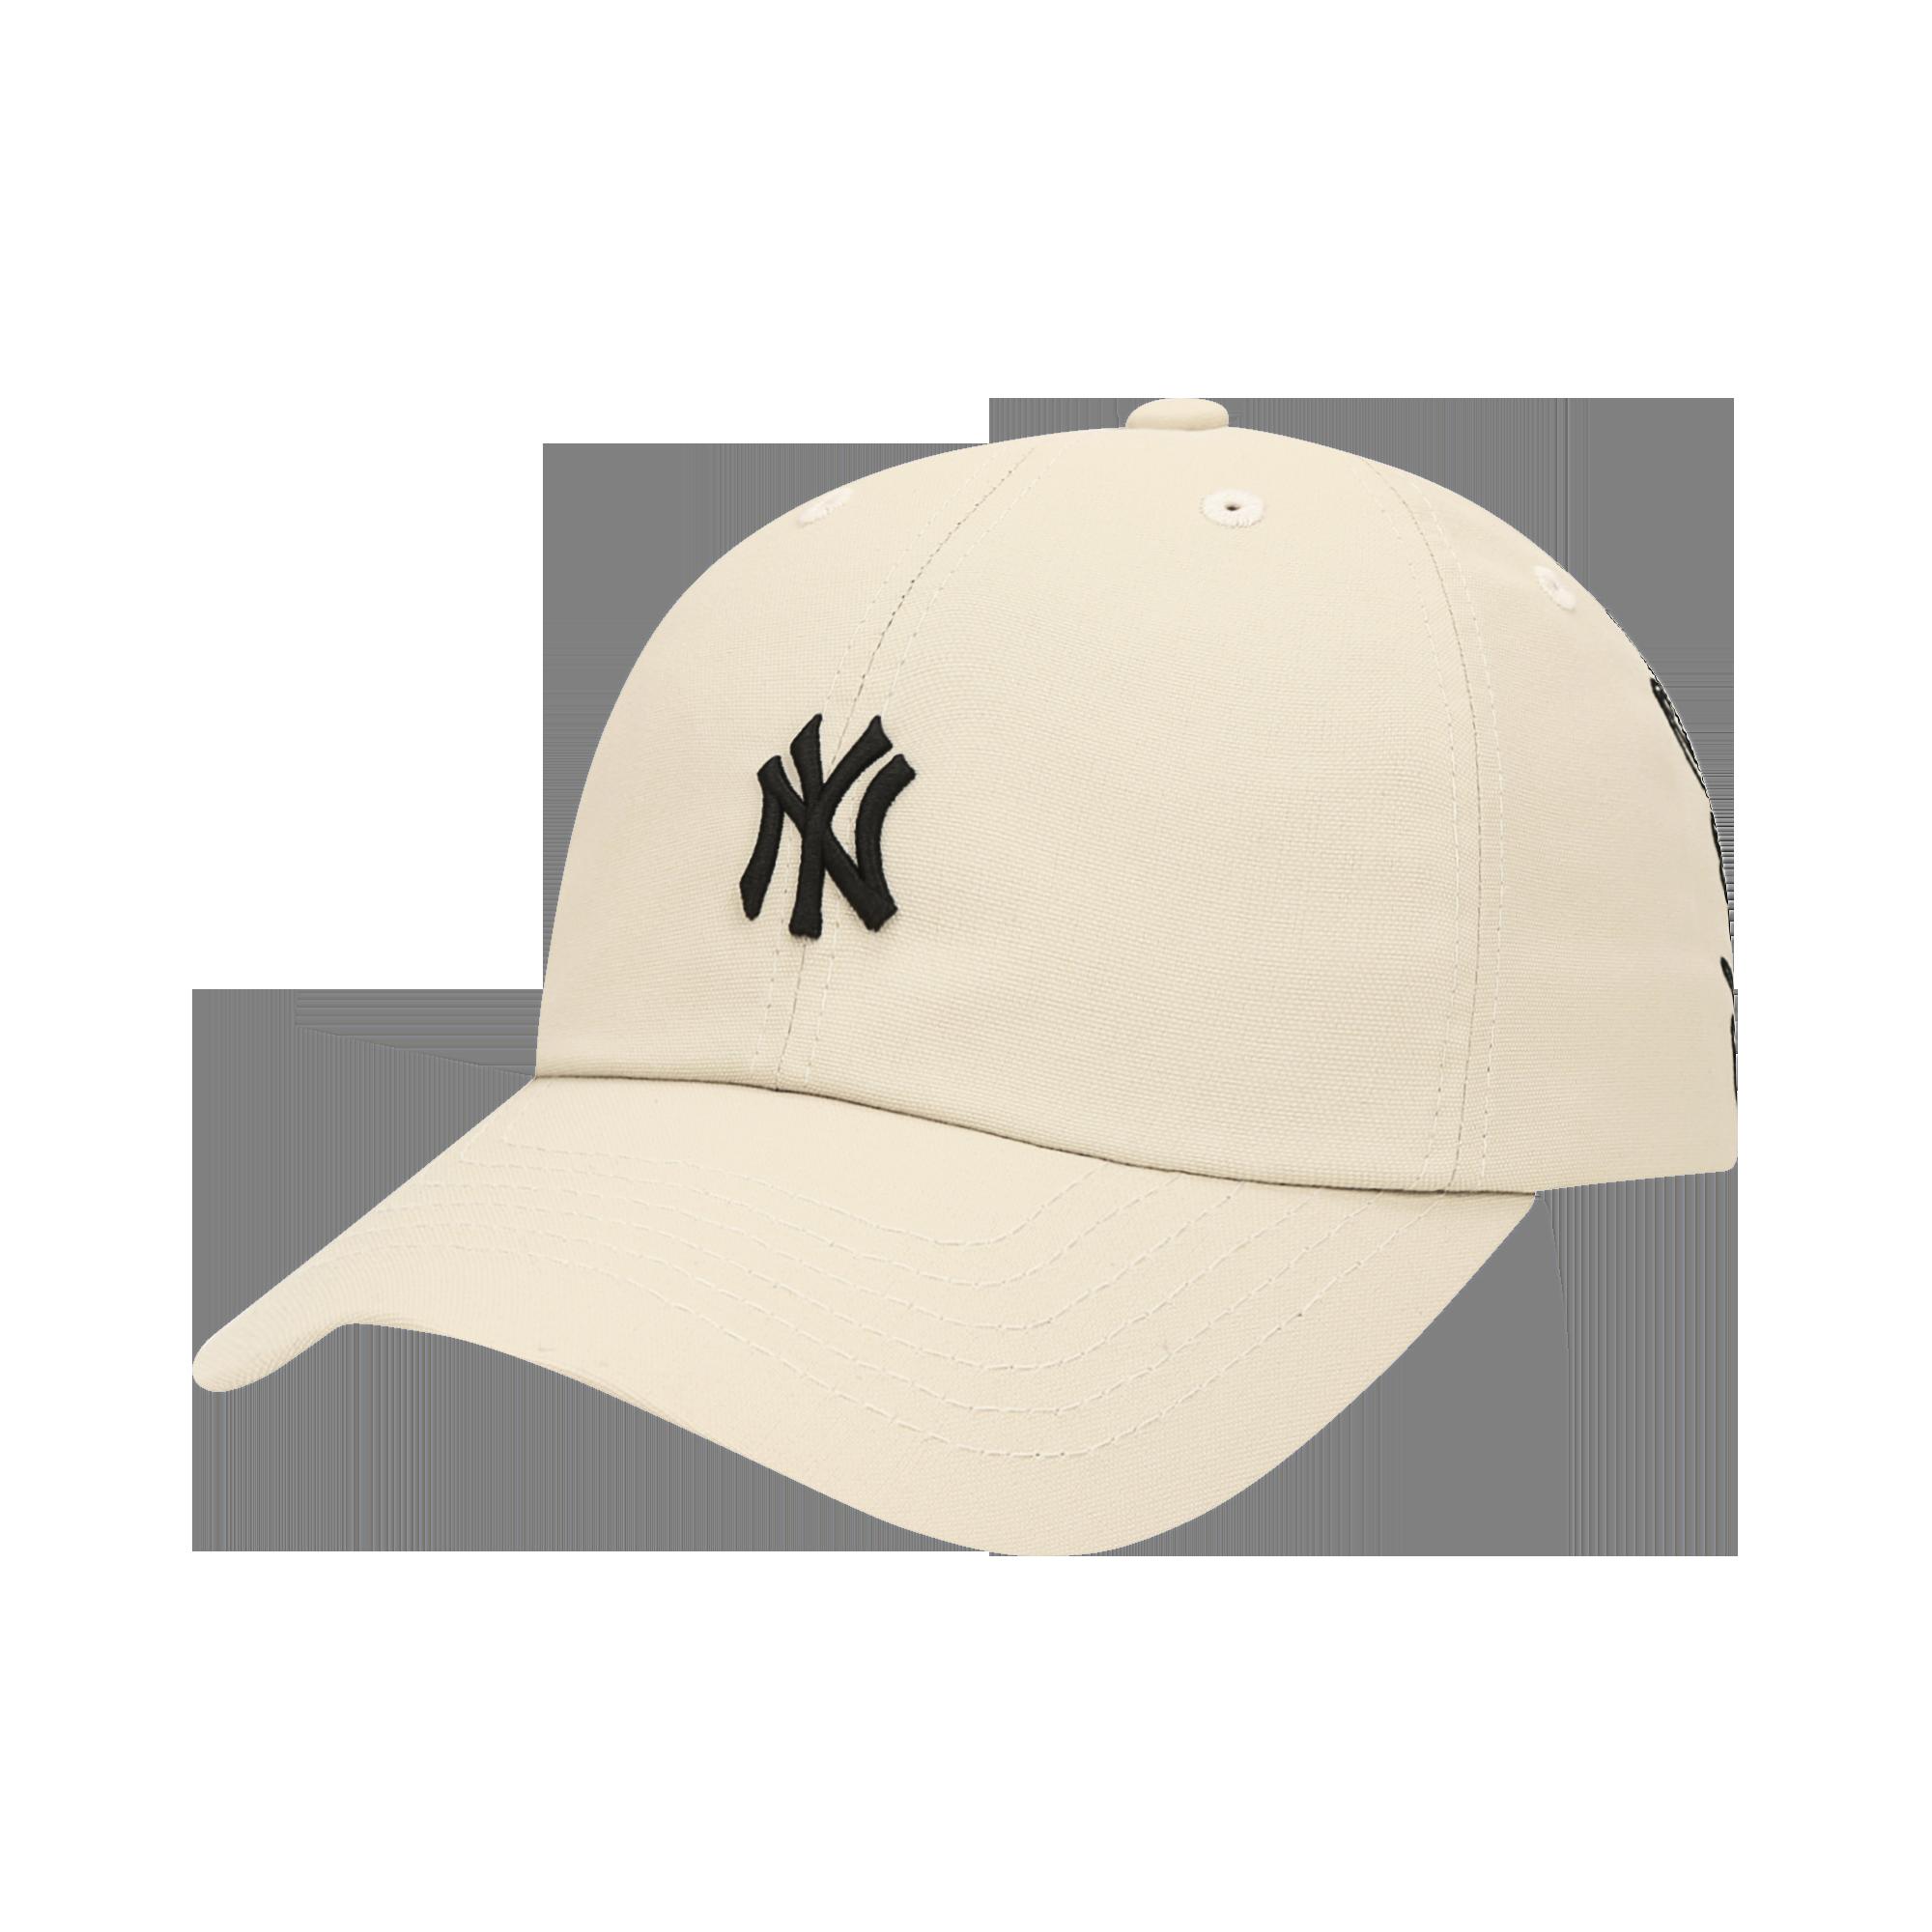 뉴욕양키스 코듀라 컬시브 볼캡